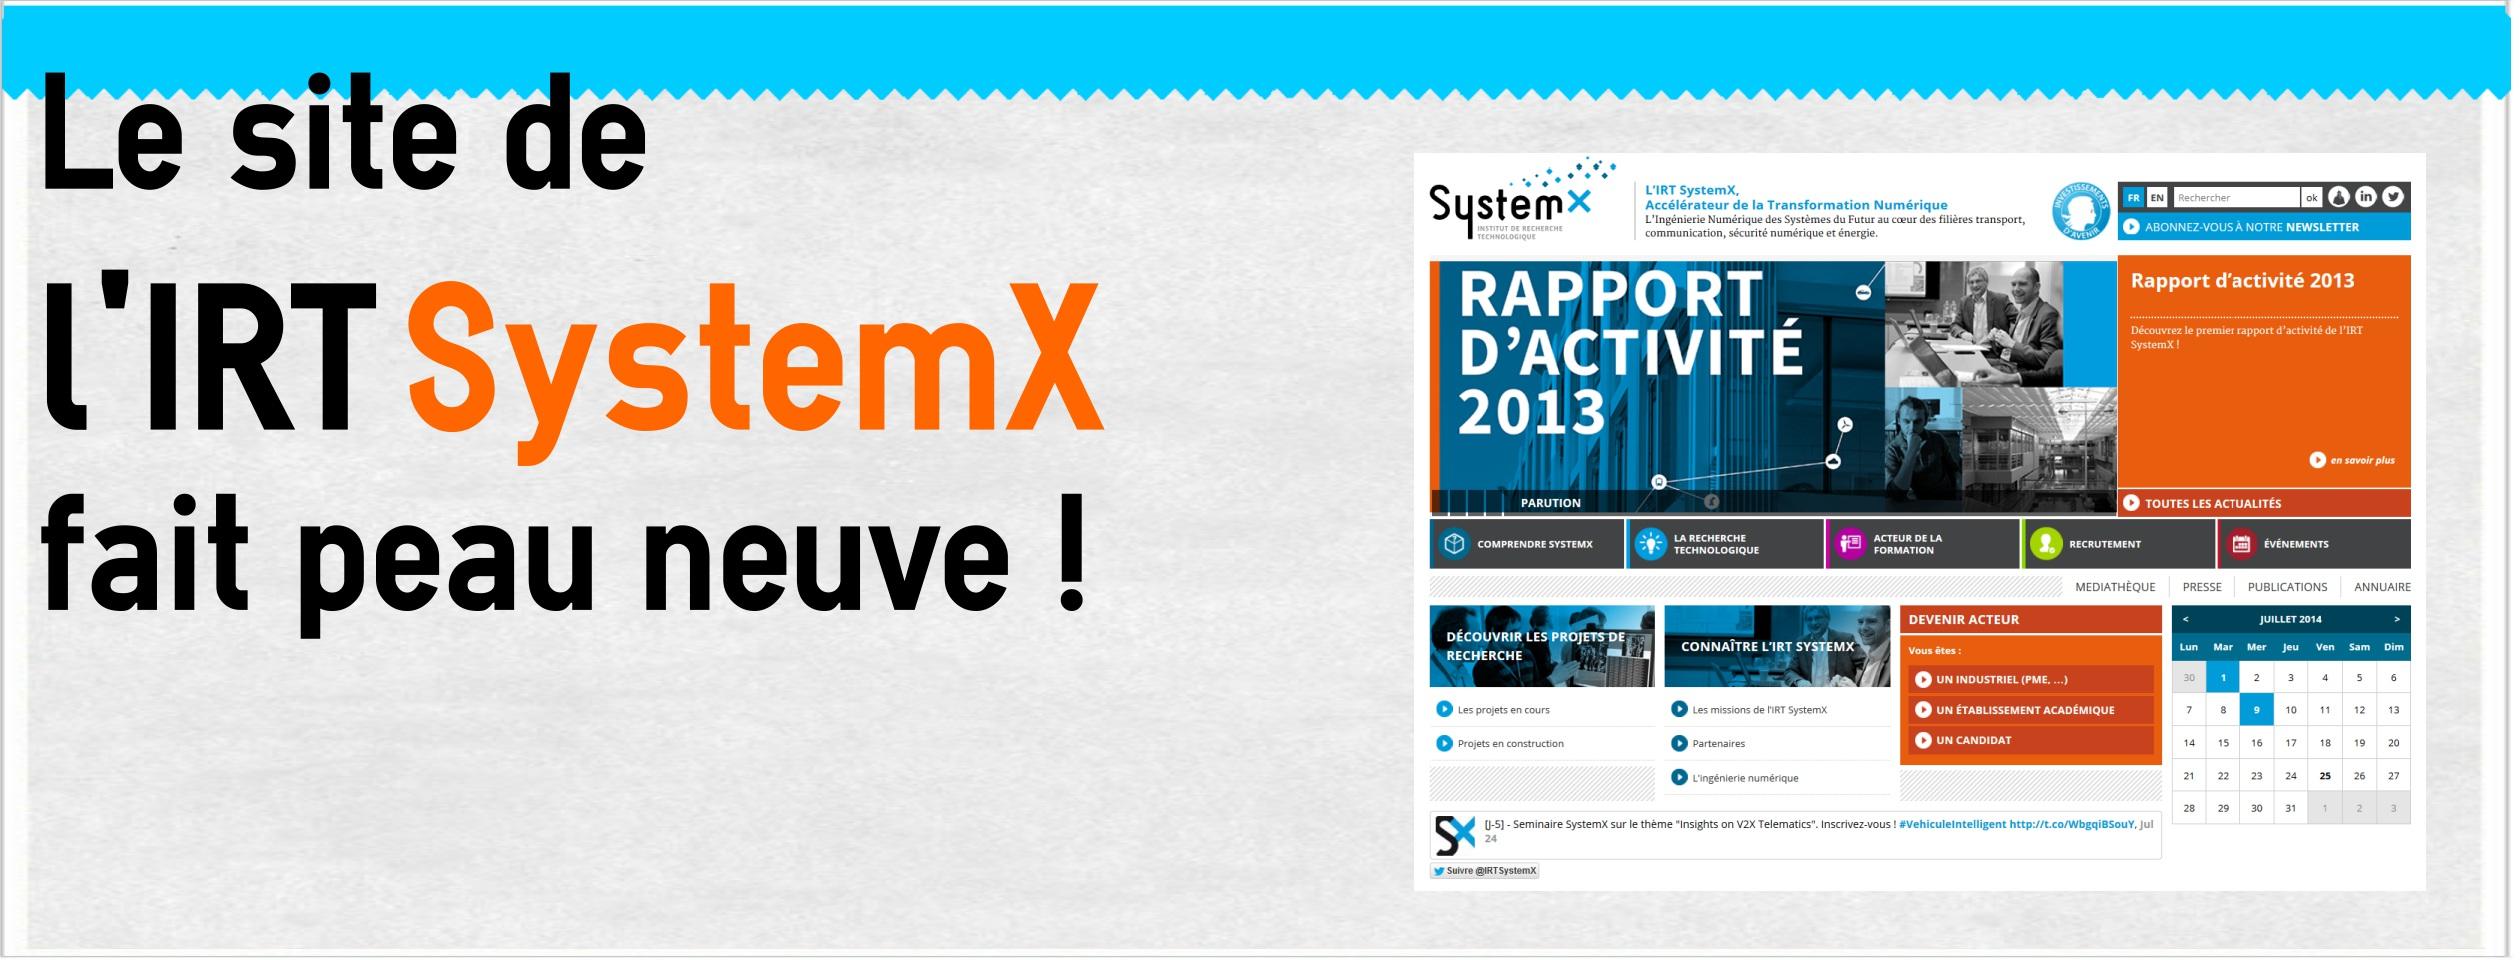 Le site web de l'IRT SystemX fait peau neuve. Découvrez-le en détails !